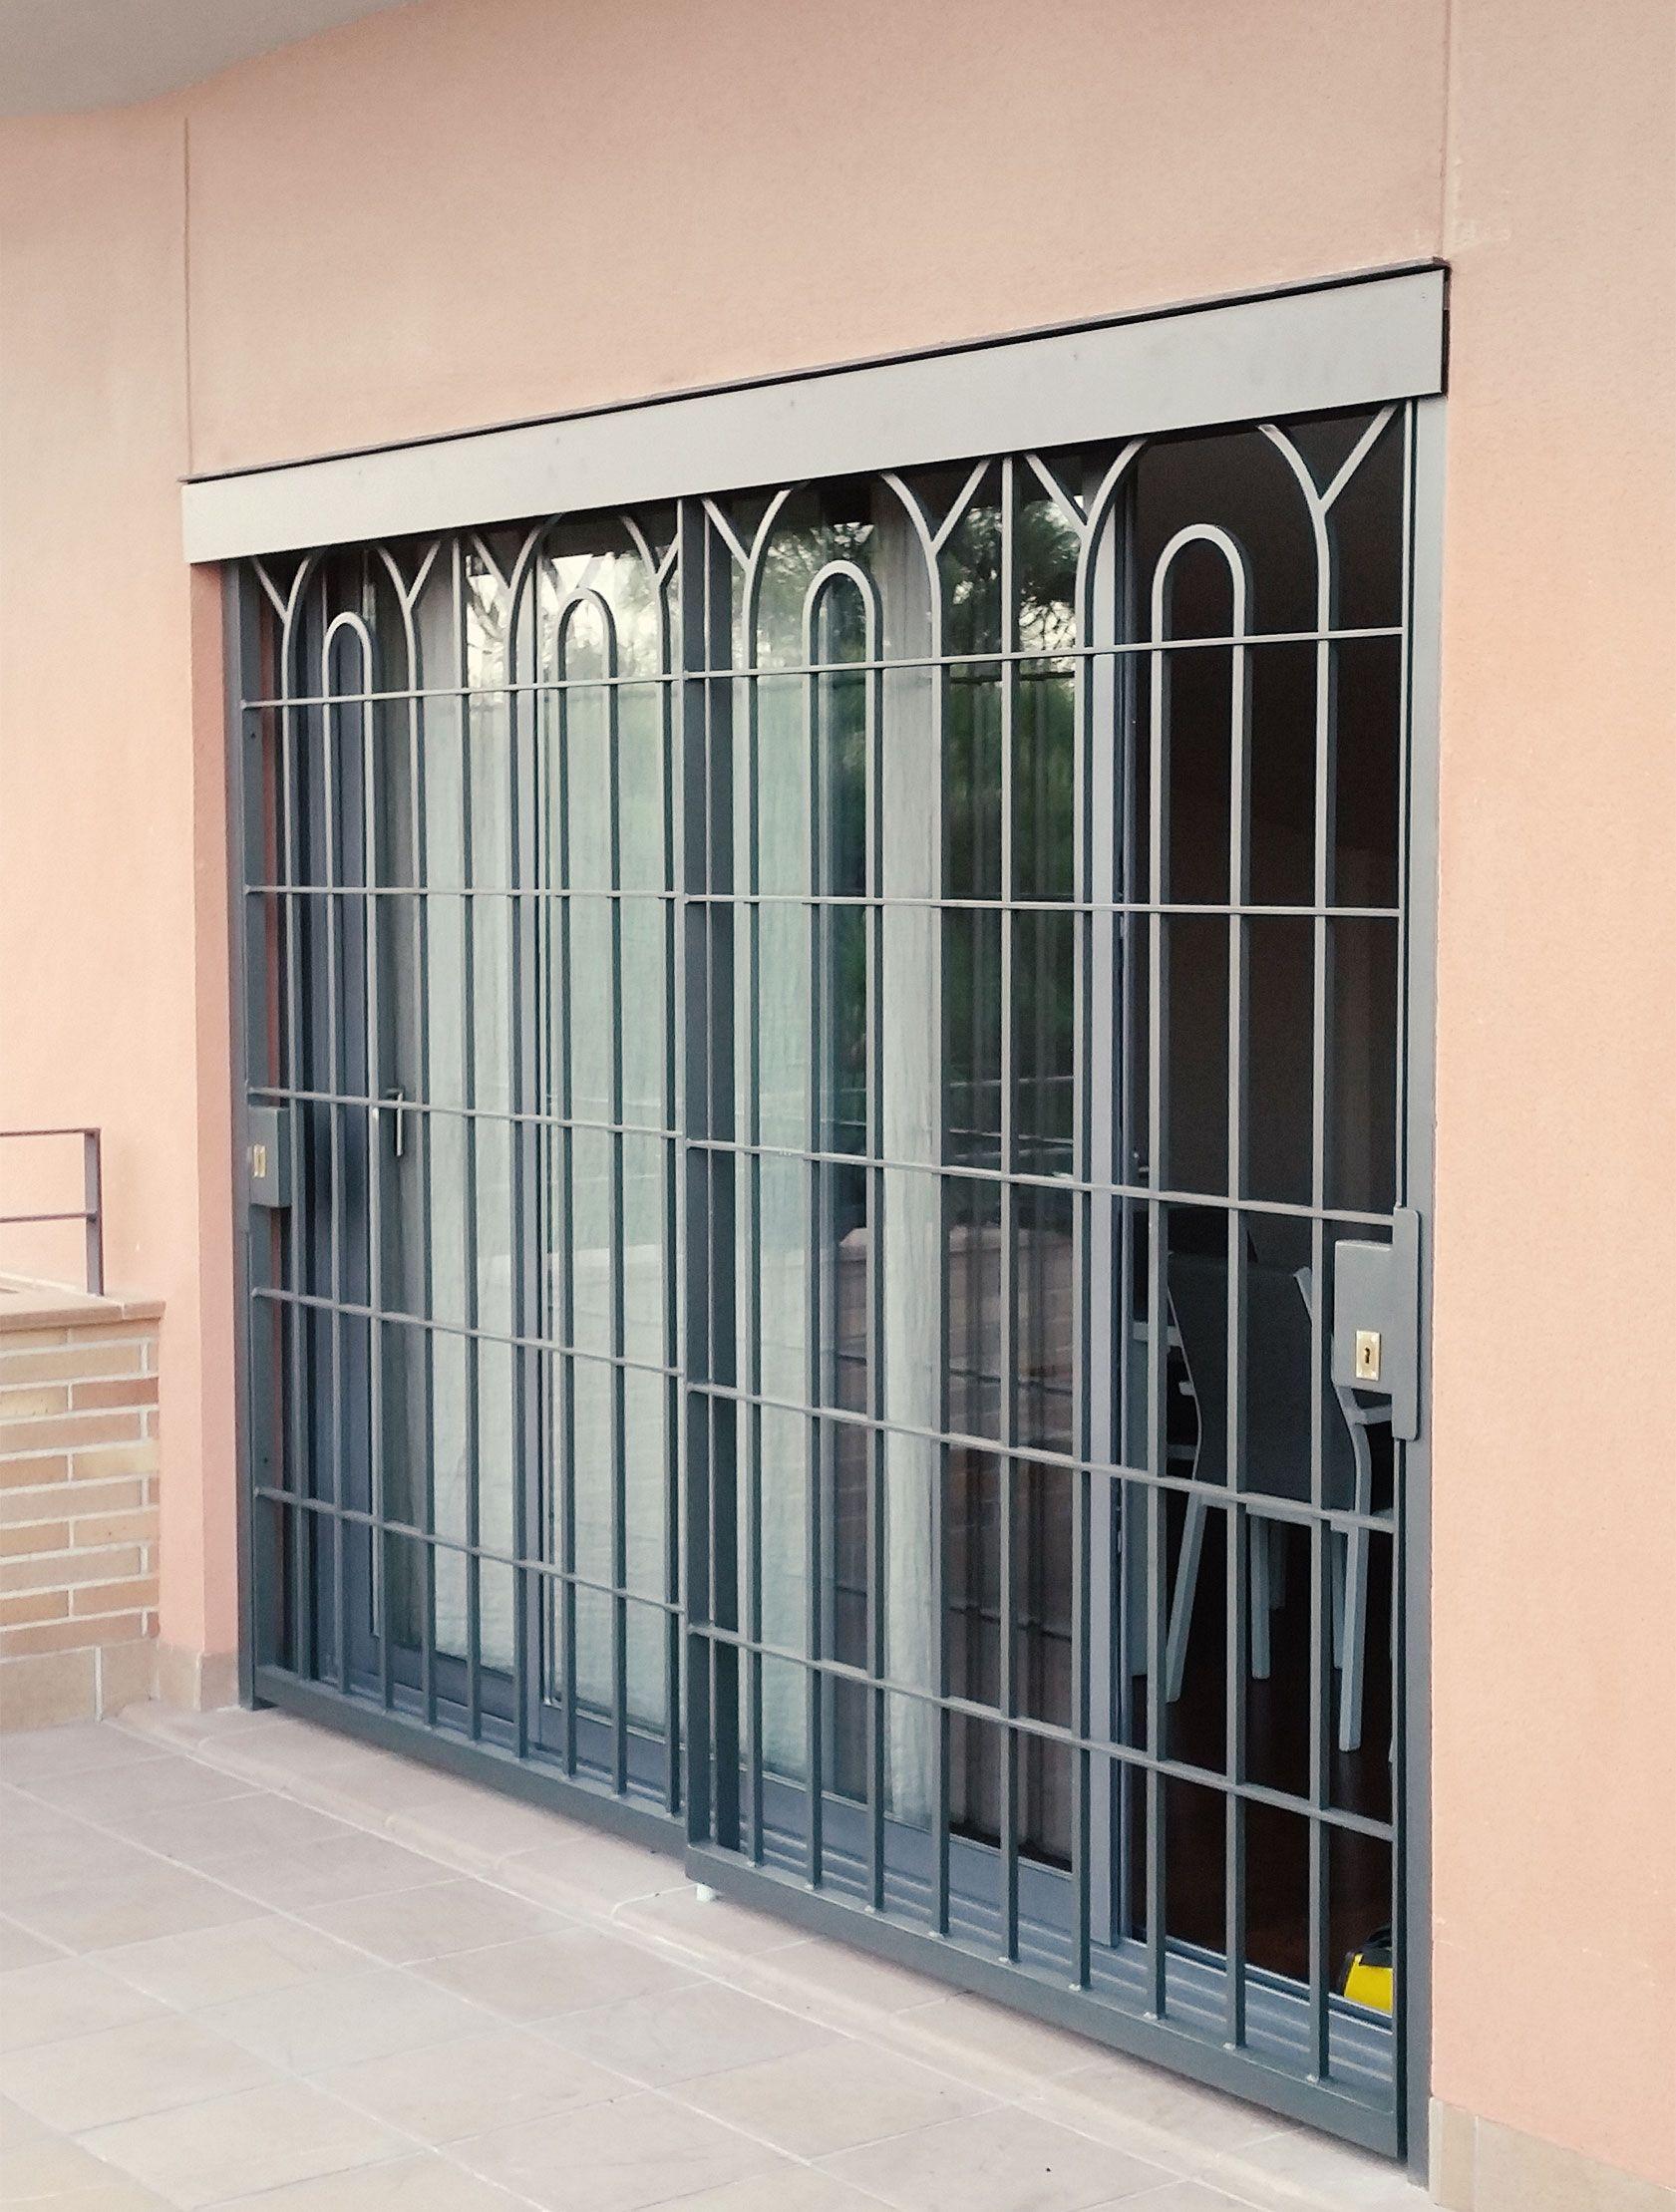 Instalación de rejas de seguridad a medida para puertas y ventanas ...